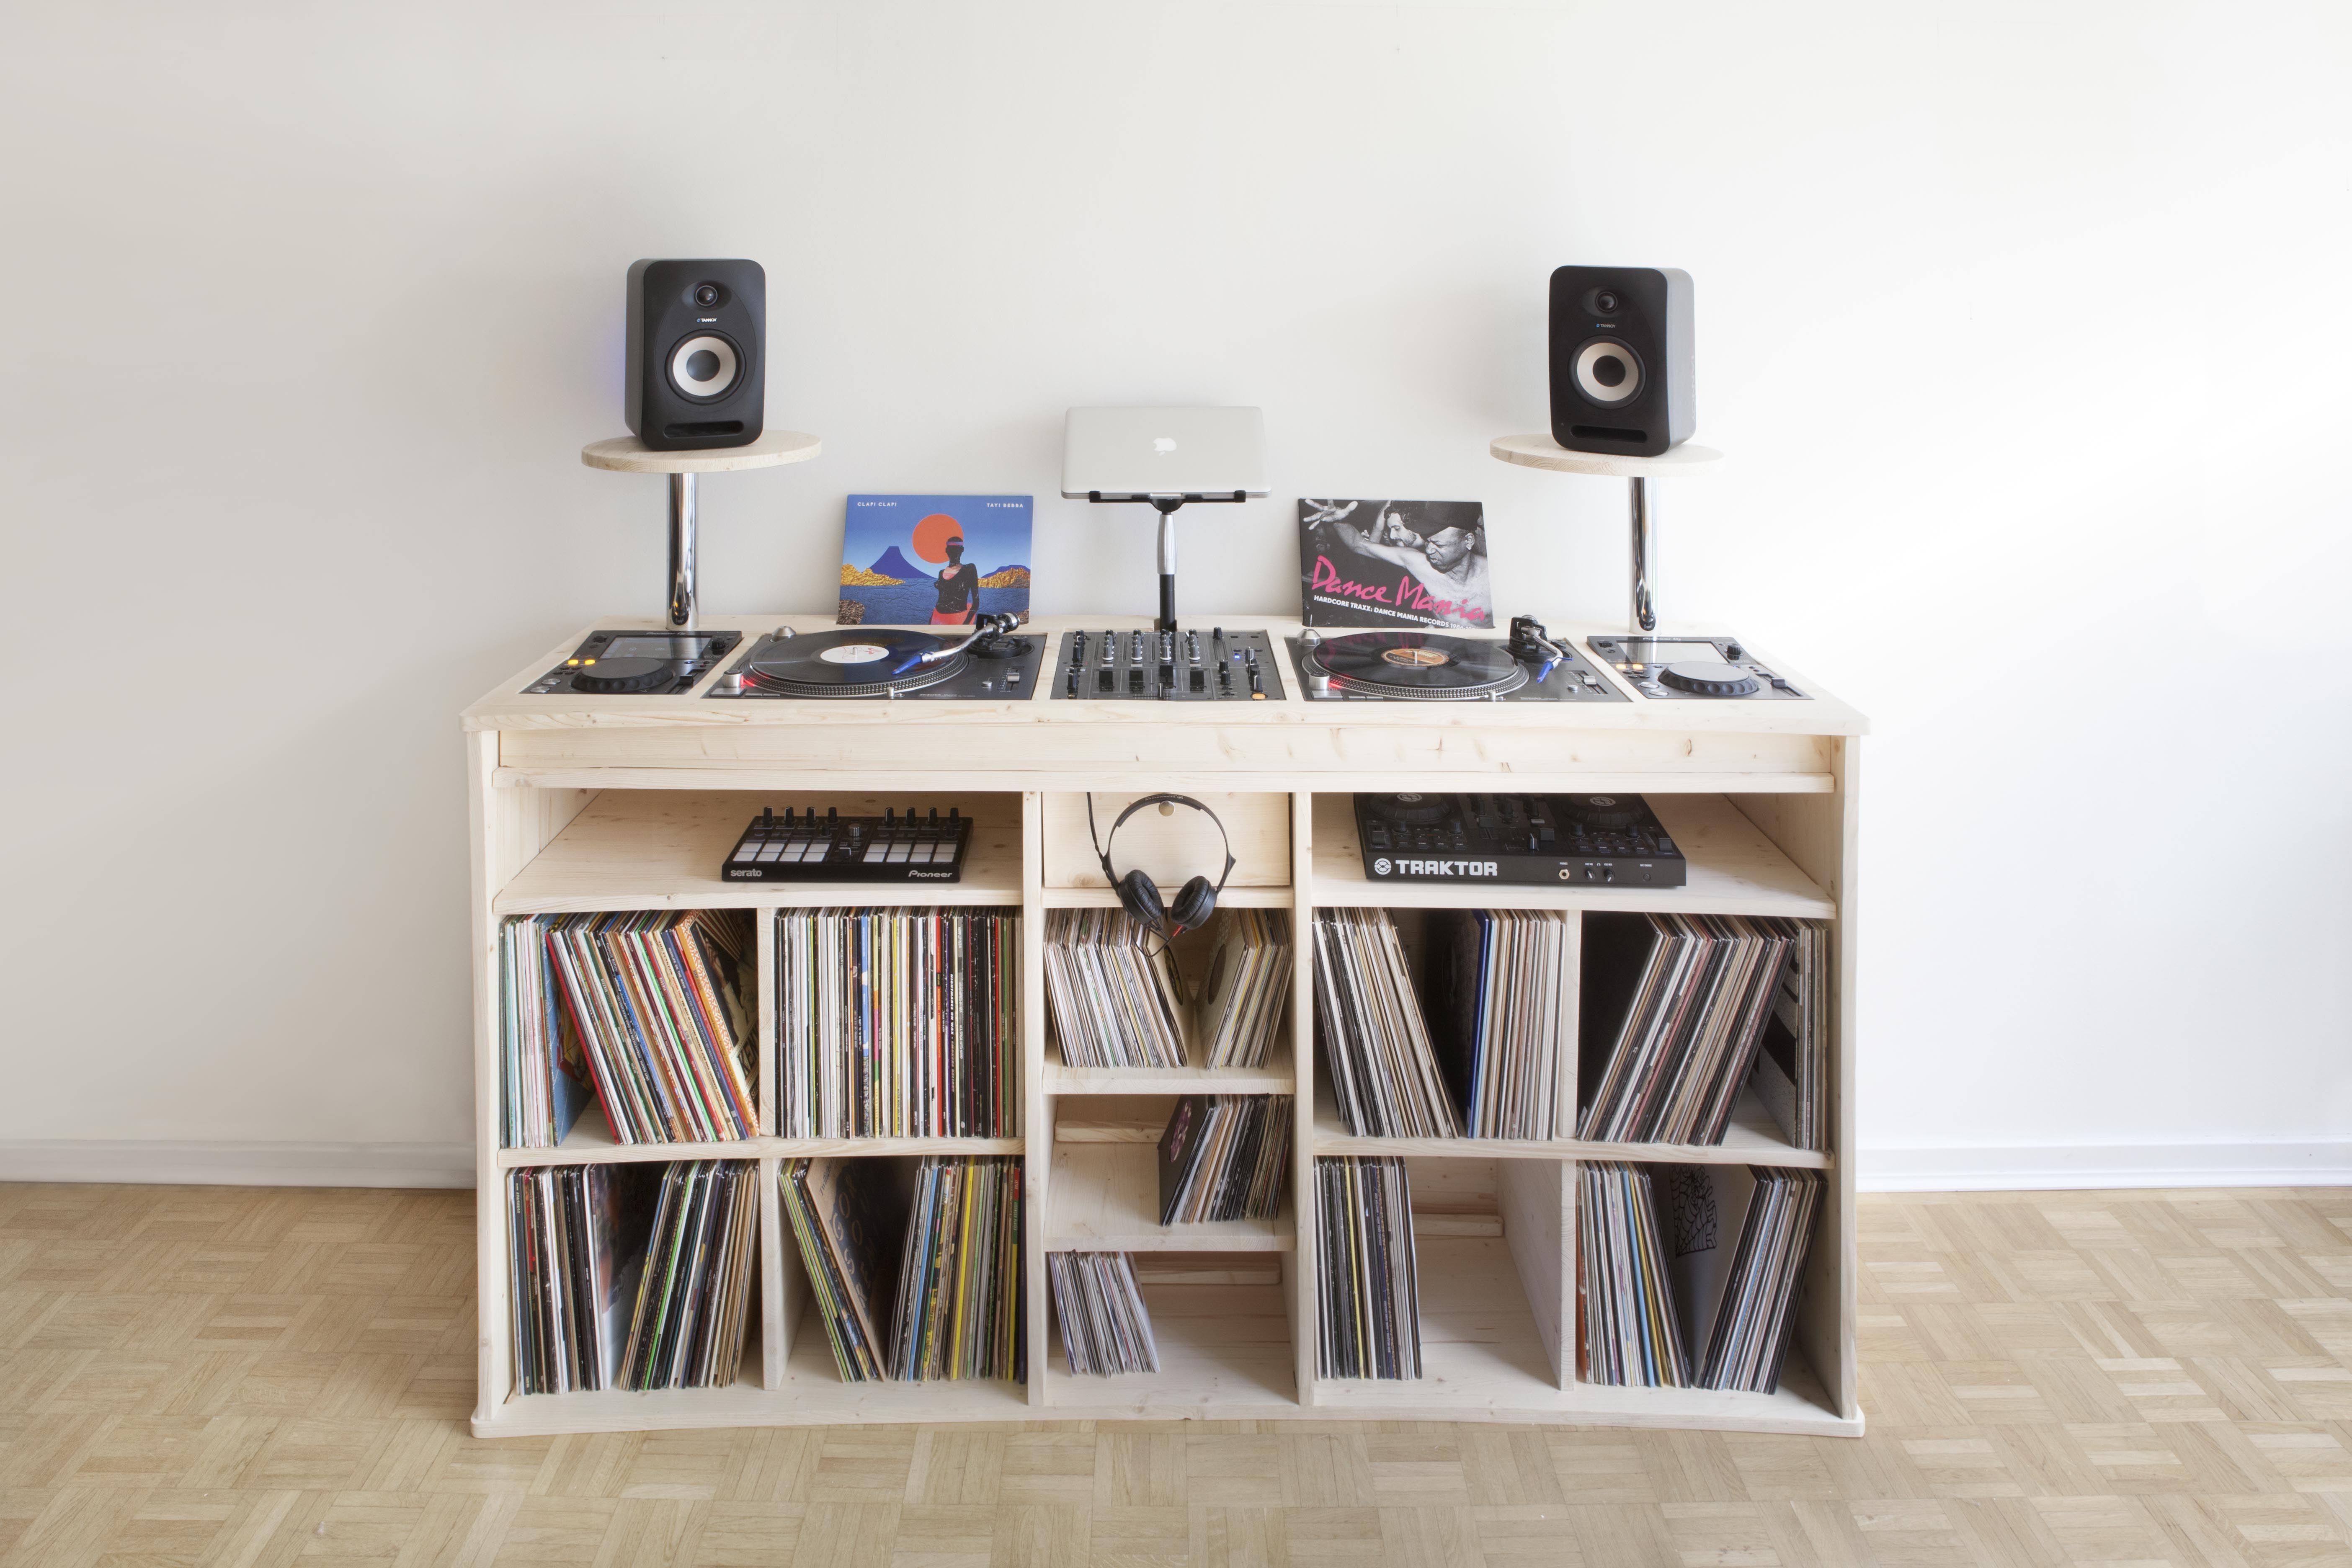 premier meuble made in estis pour les dj et professionnels de la ... - Meuble Dj Design